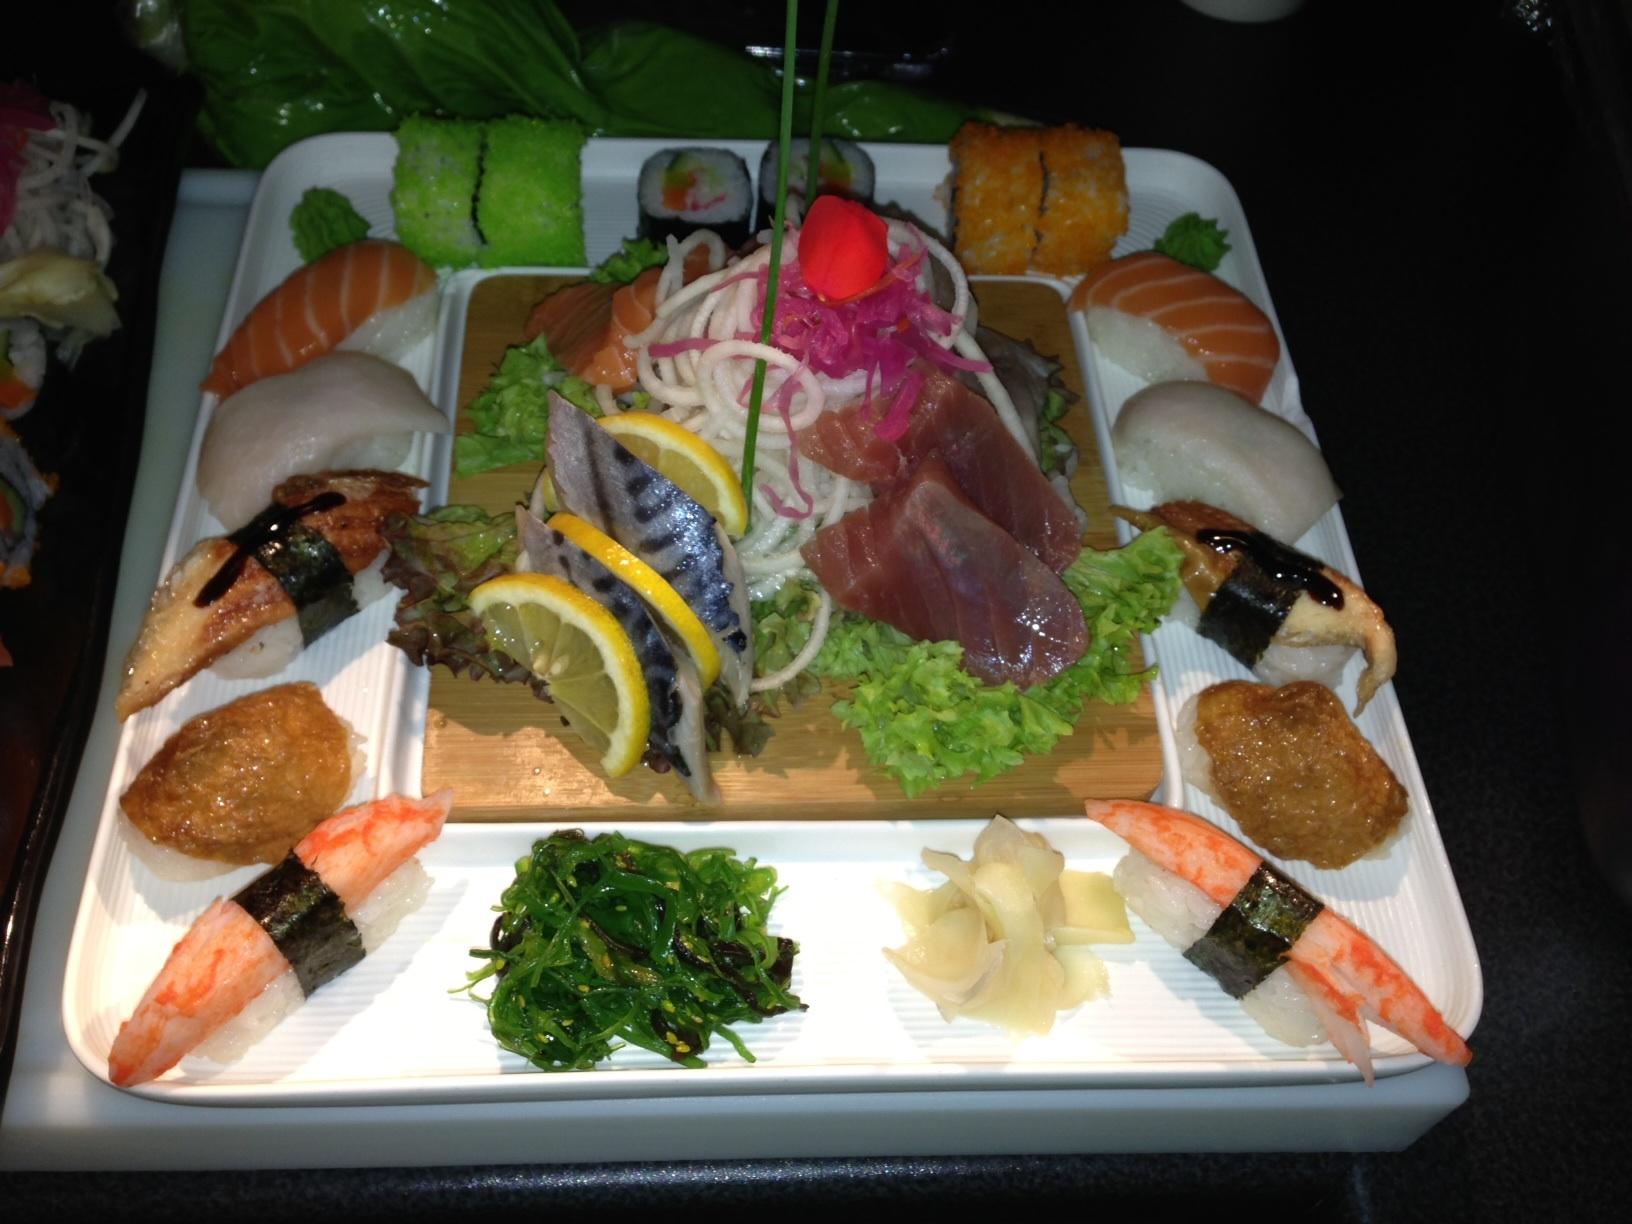 Le jardin d 39 orient japans restaurant neupre 4120 for Restaurant le jardin vias